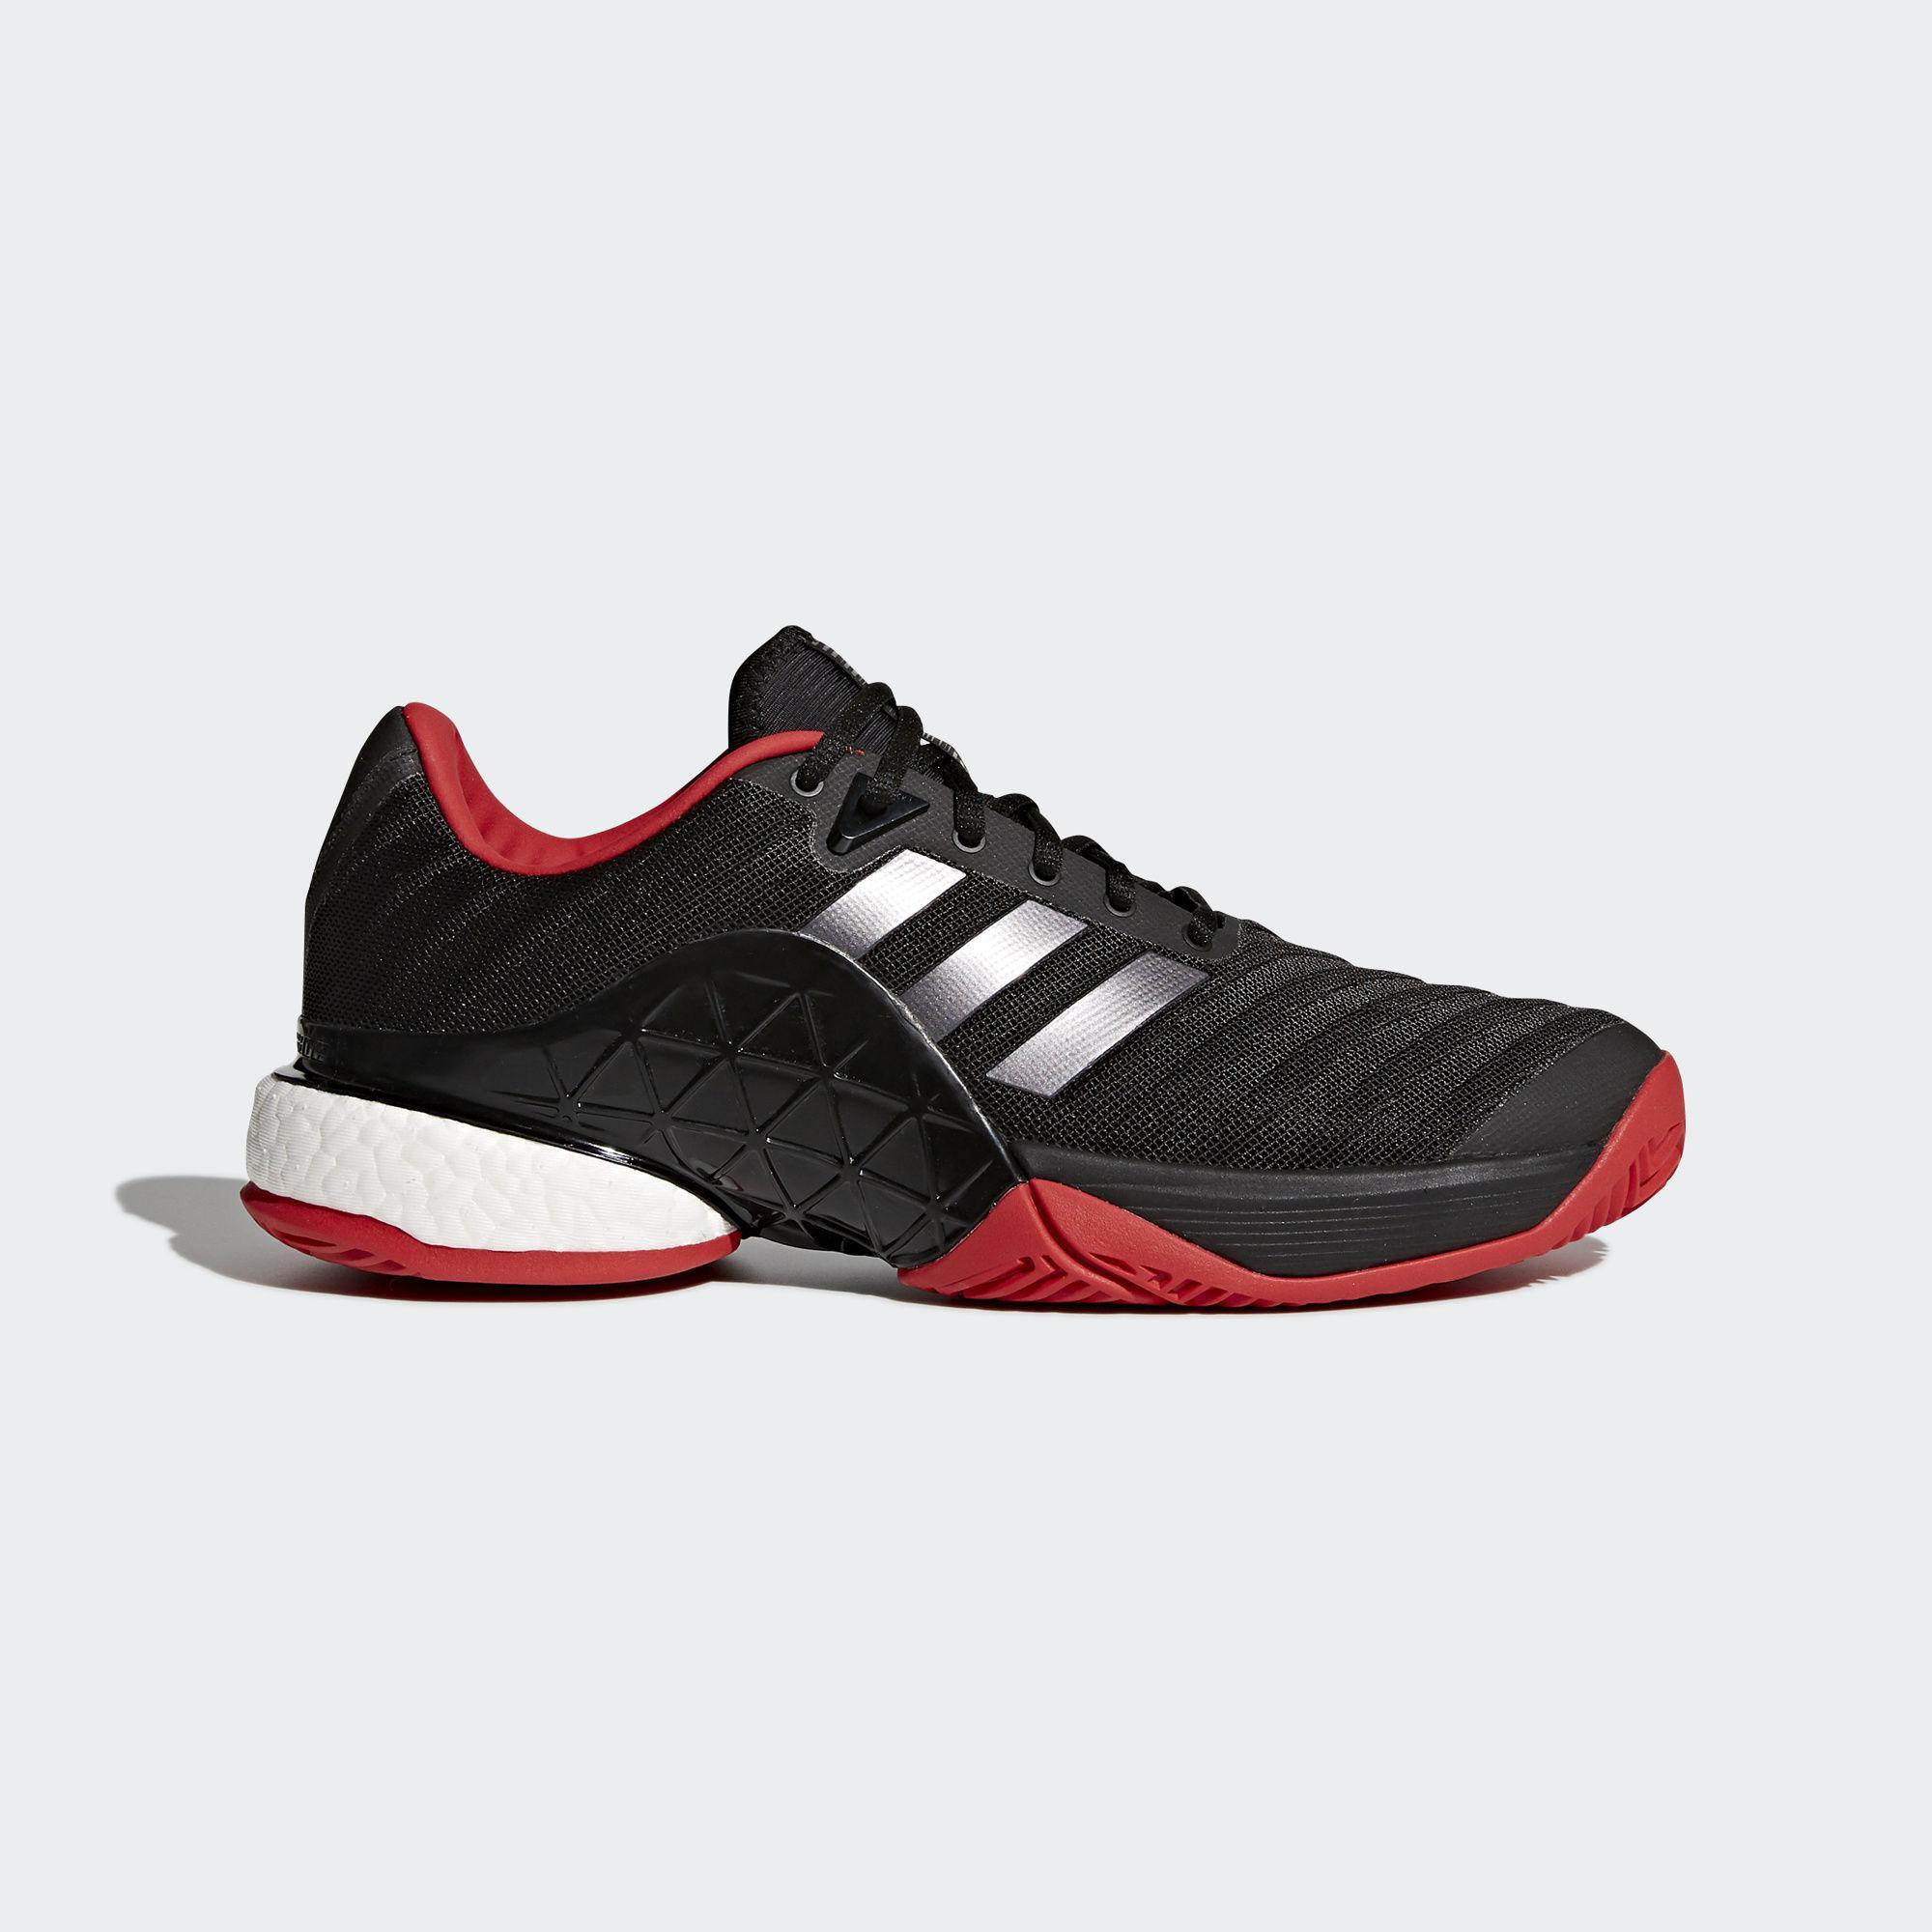 Lyst adidas barricata 2018 impulso scarpe in nero per gli uomini.